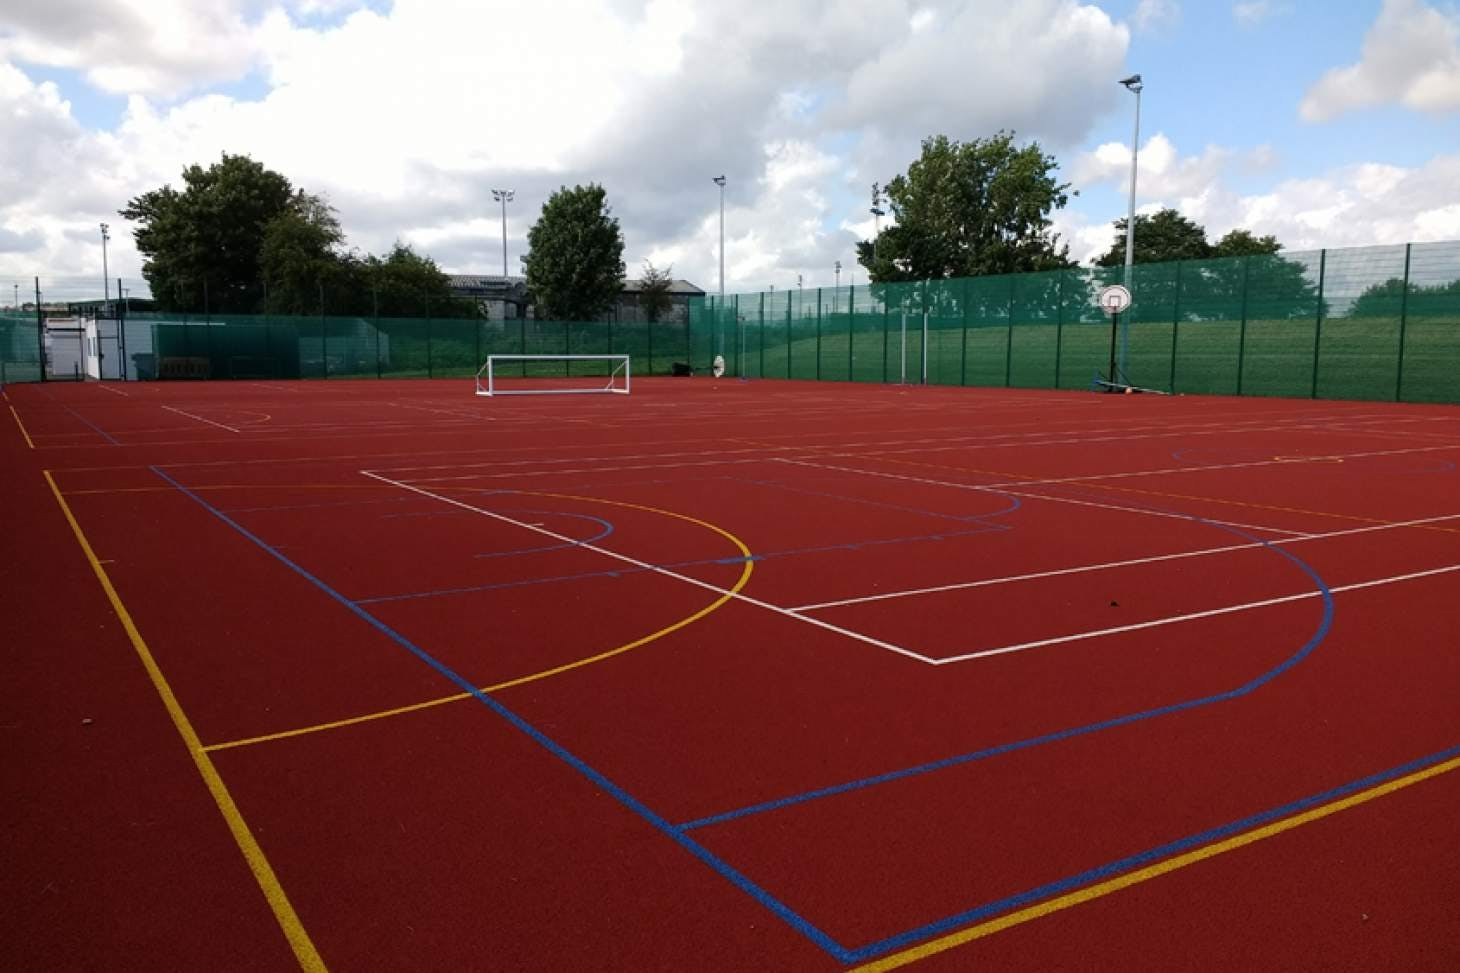 Oasis Academy Arena Outdoor   Hard (macadam) tennis court